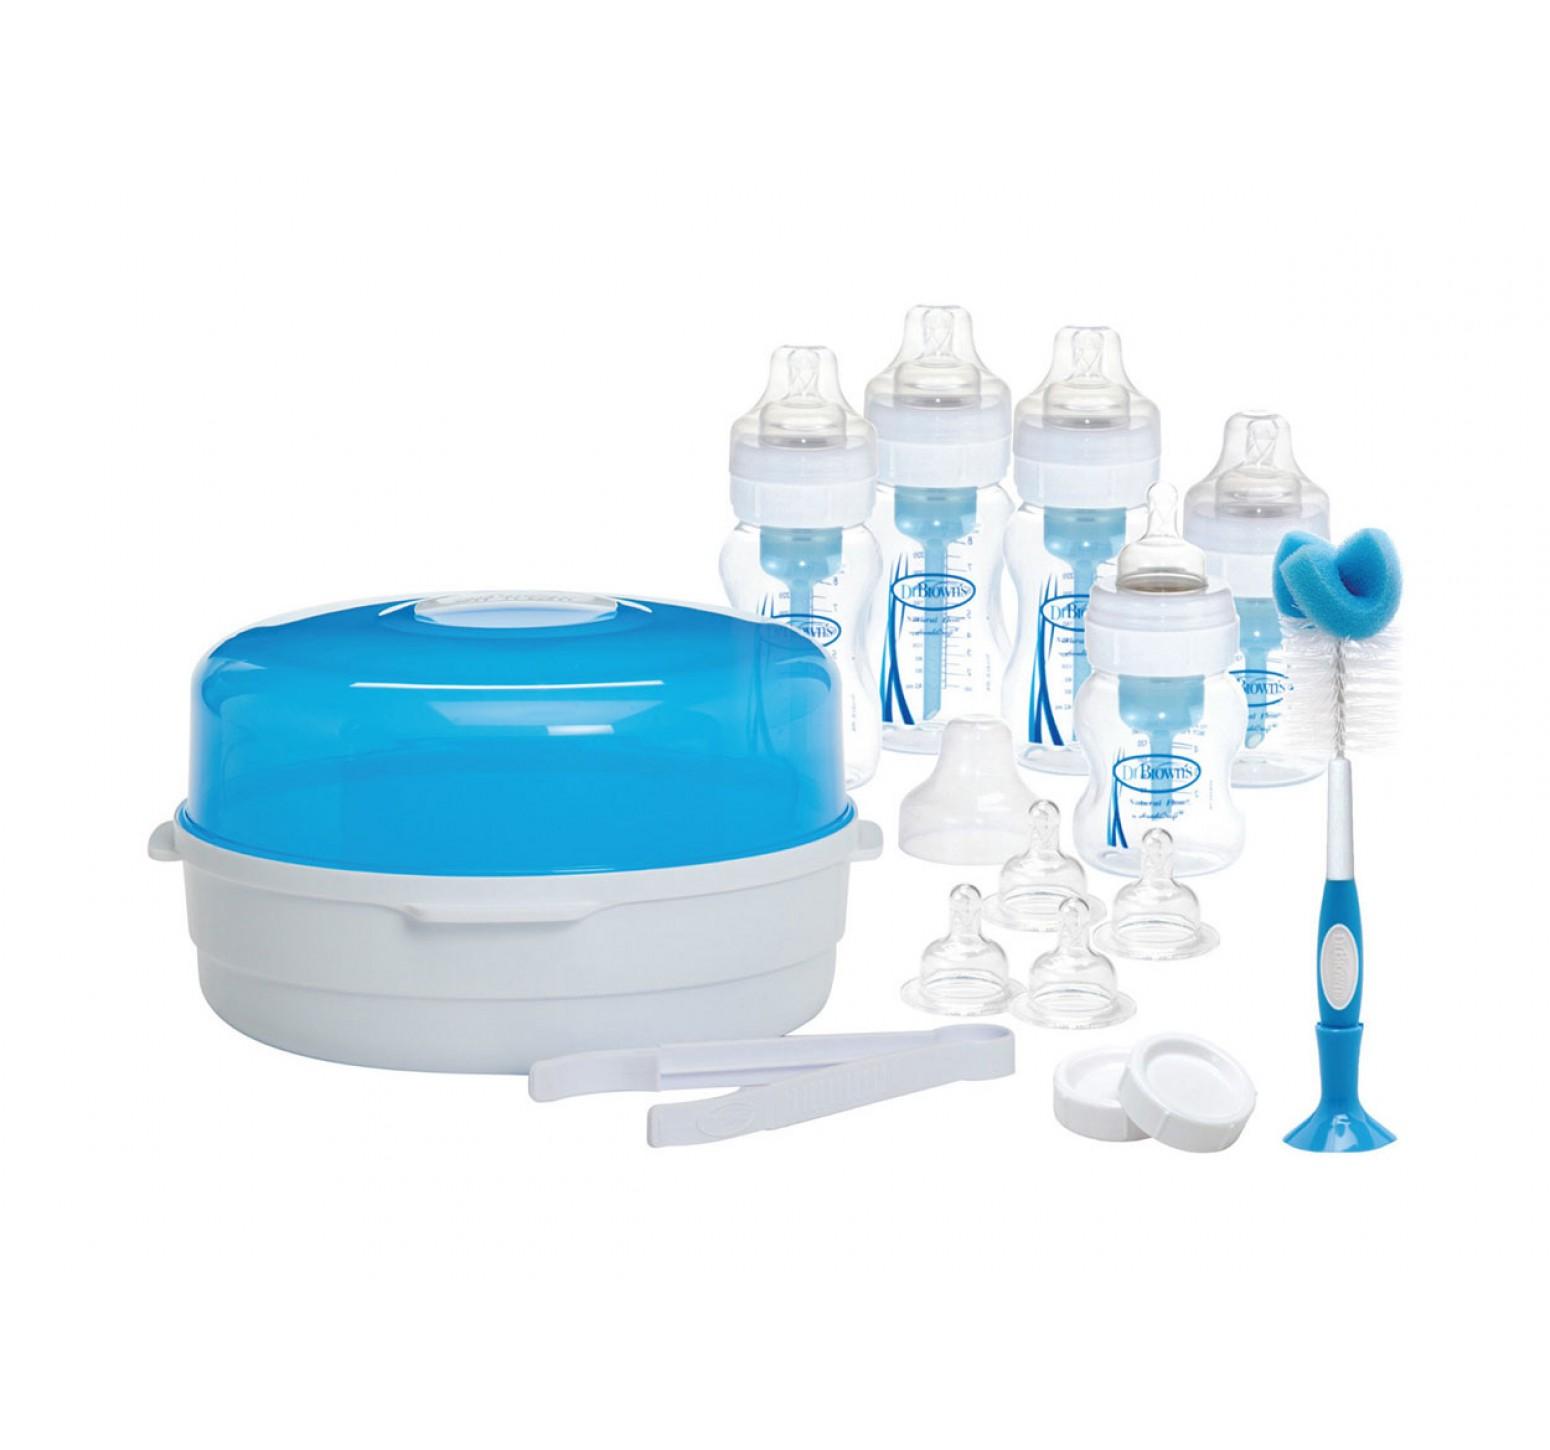 Dr.Brown's Set de regalo azul edición especial x 5 units + accesorios